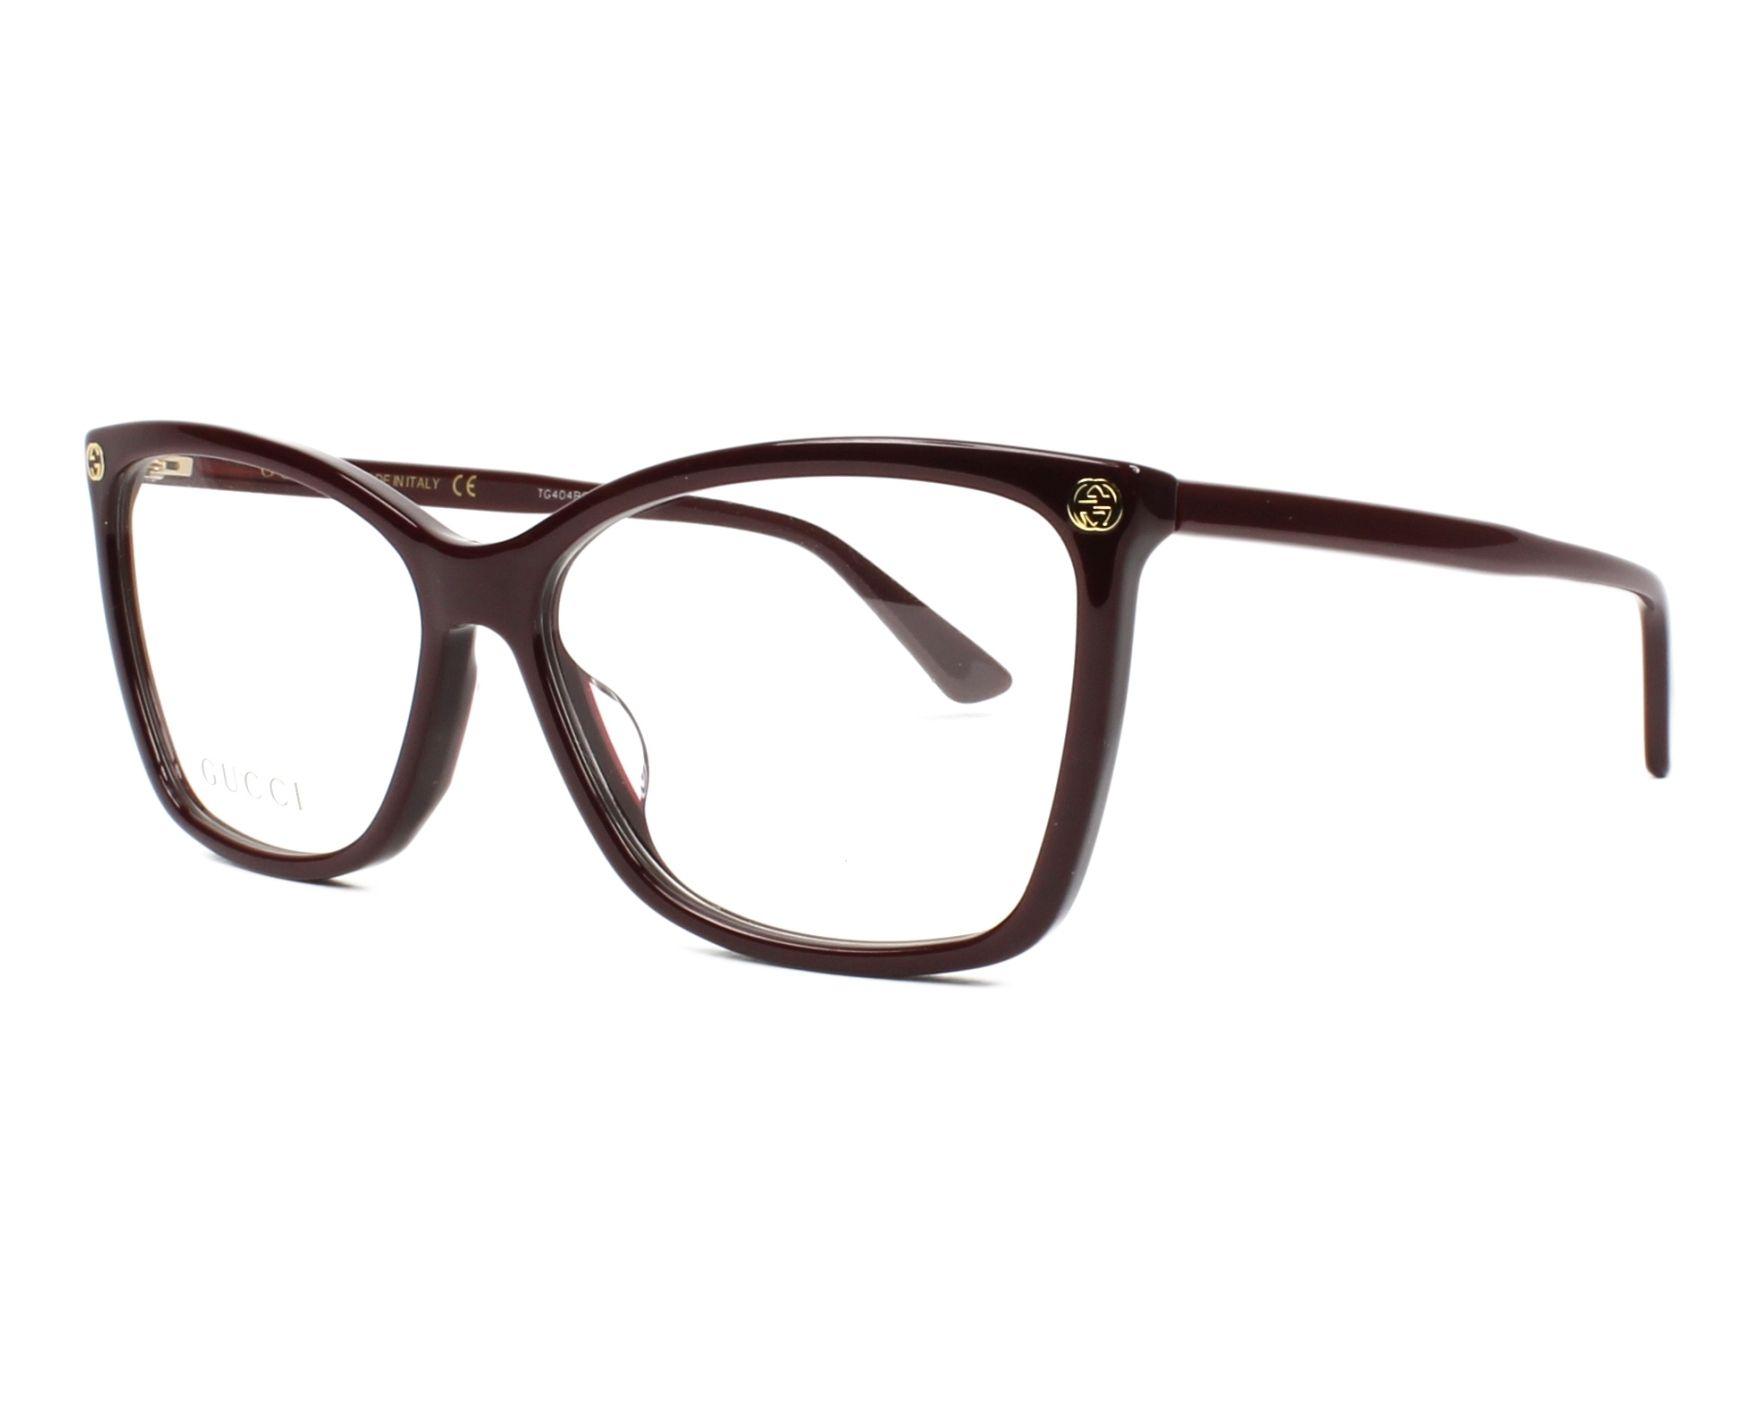 Lunettes de vue Gucci GG-0025-O 007 56-14 Bordeaux vue de e27556040d45